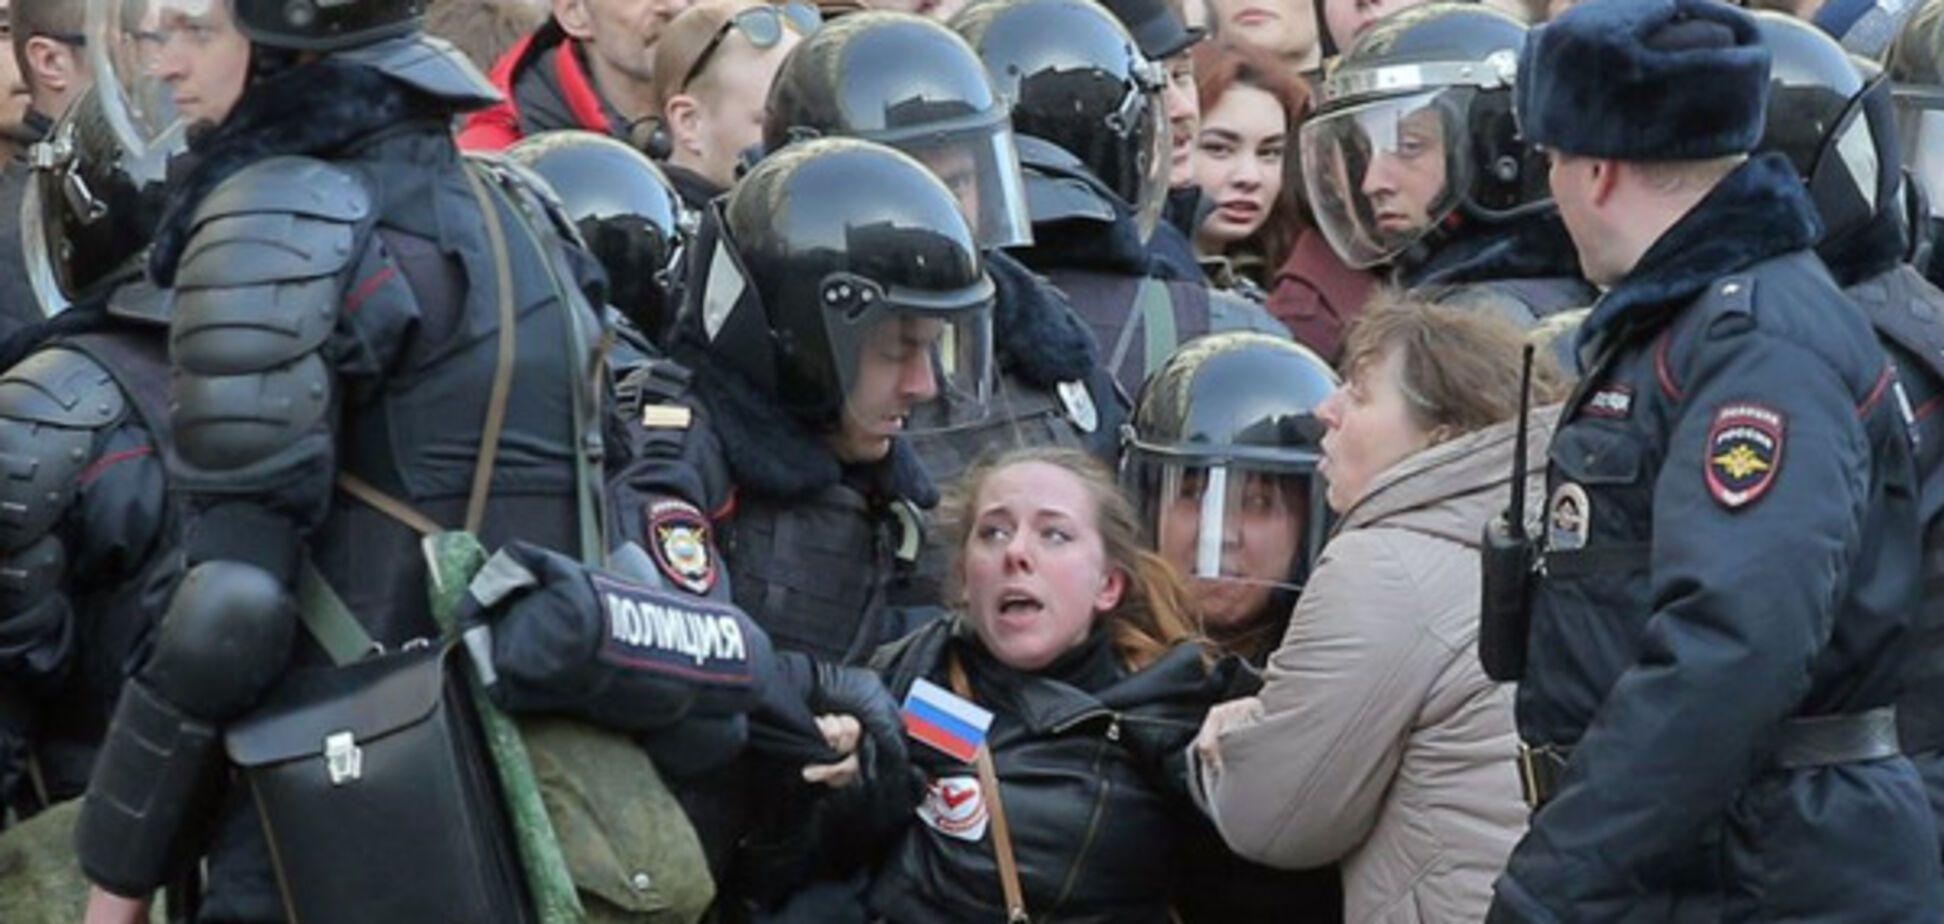 РосТВ умолчало о масштабных задержаниях в Москве